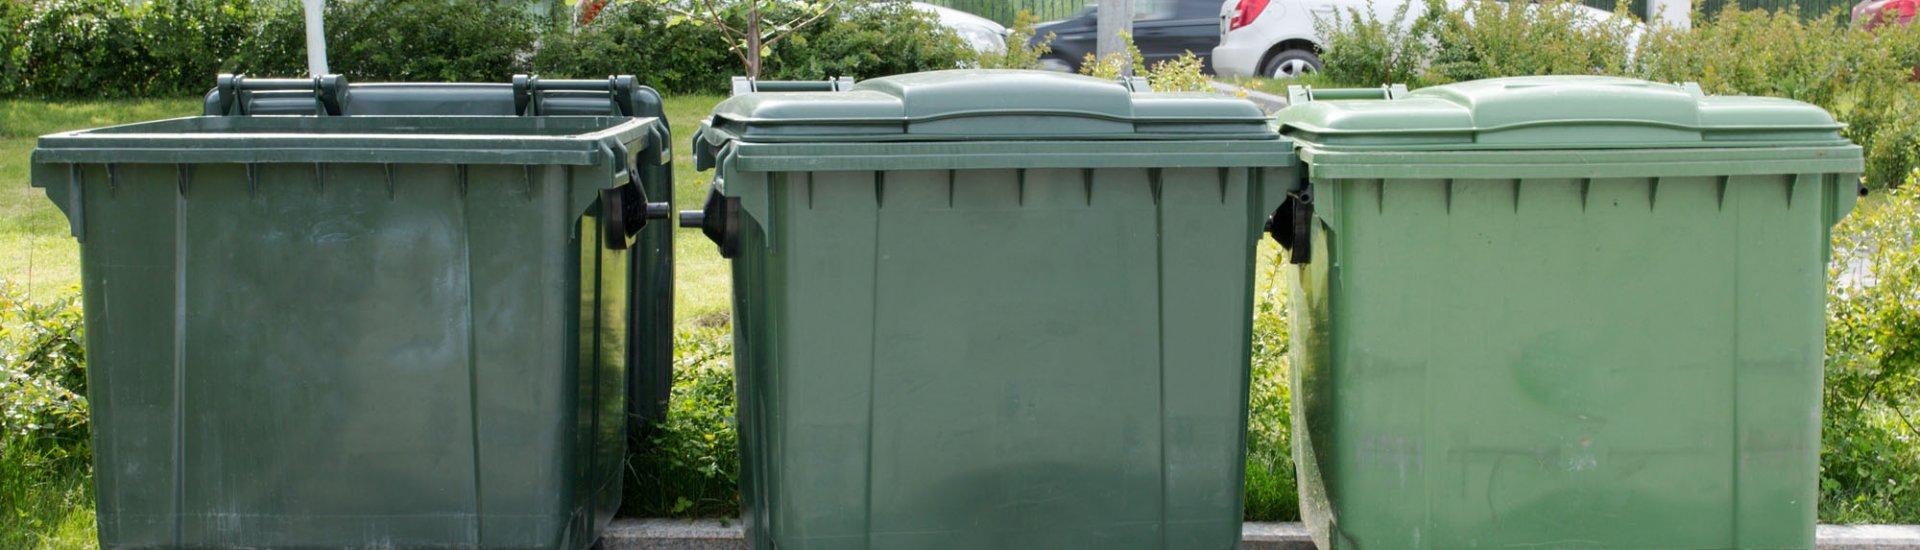 Müllcontainer: Top 3 Modelle, worauf achten? Stellplatz finden